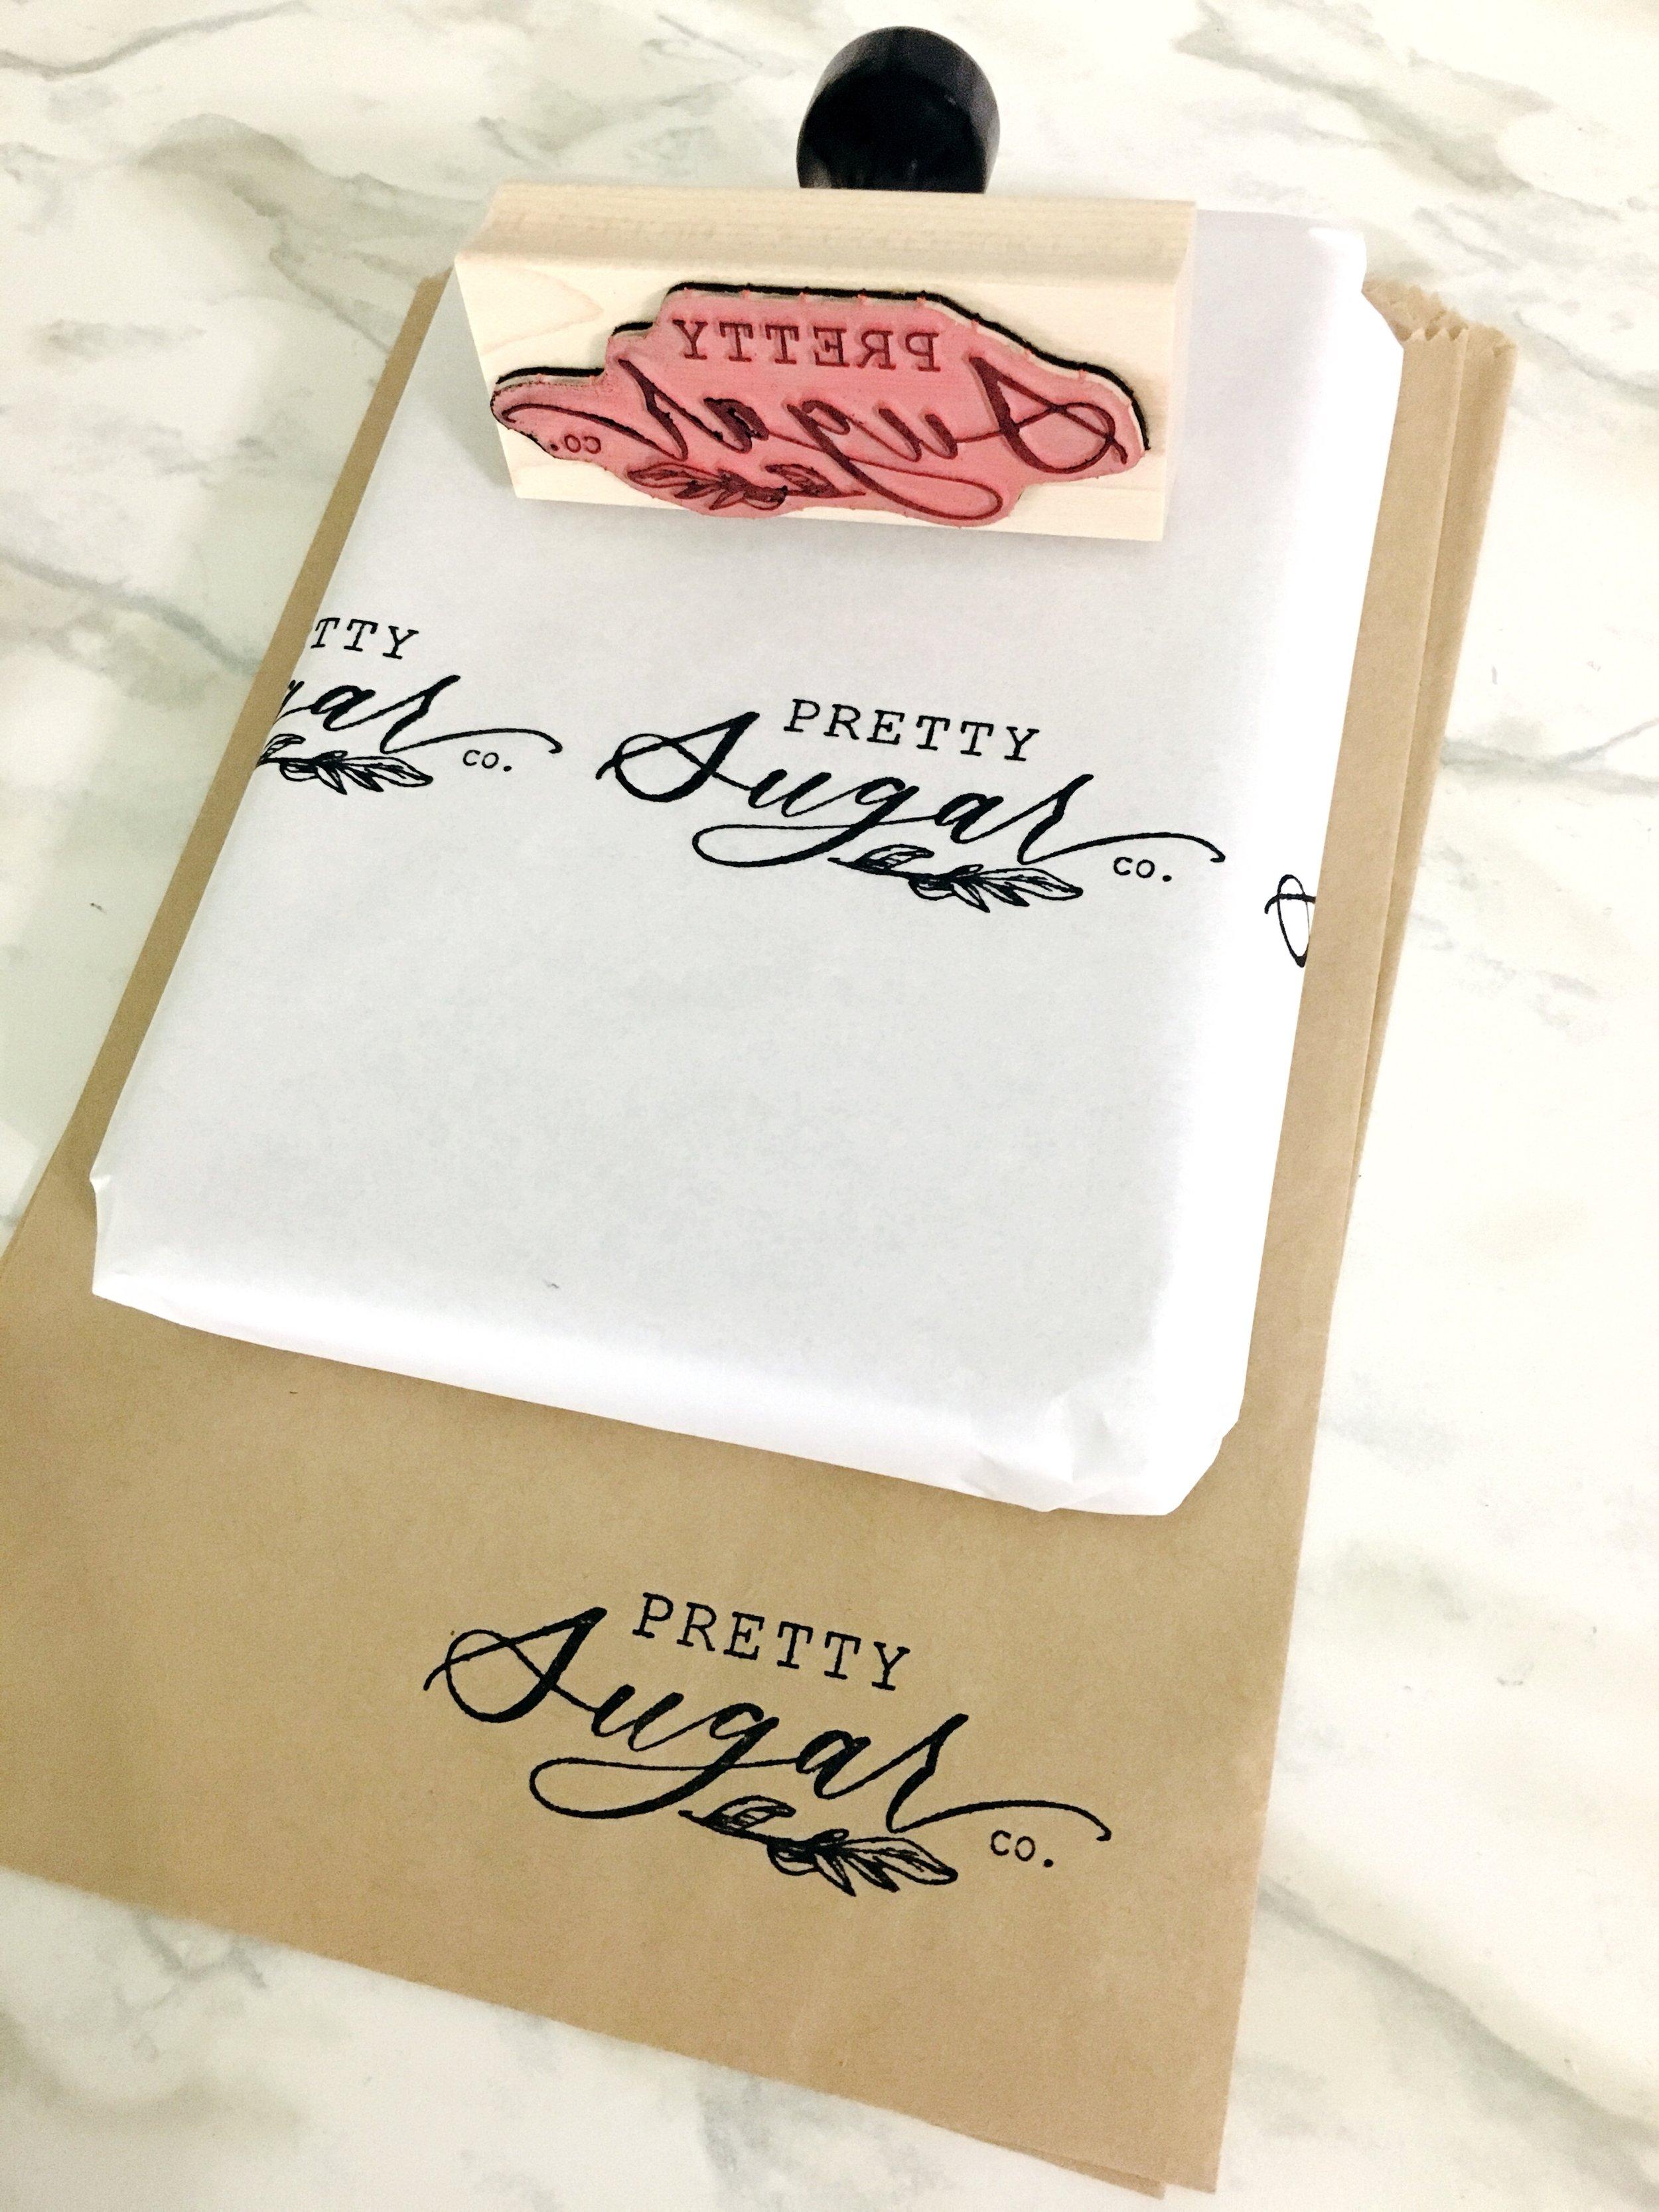 Creatiate Stamps Packaging Ideas - The Creatiate DIY Blog _0500.jpg